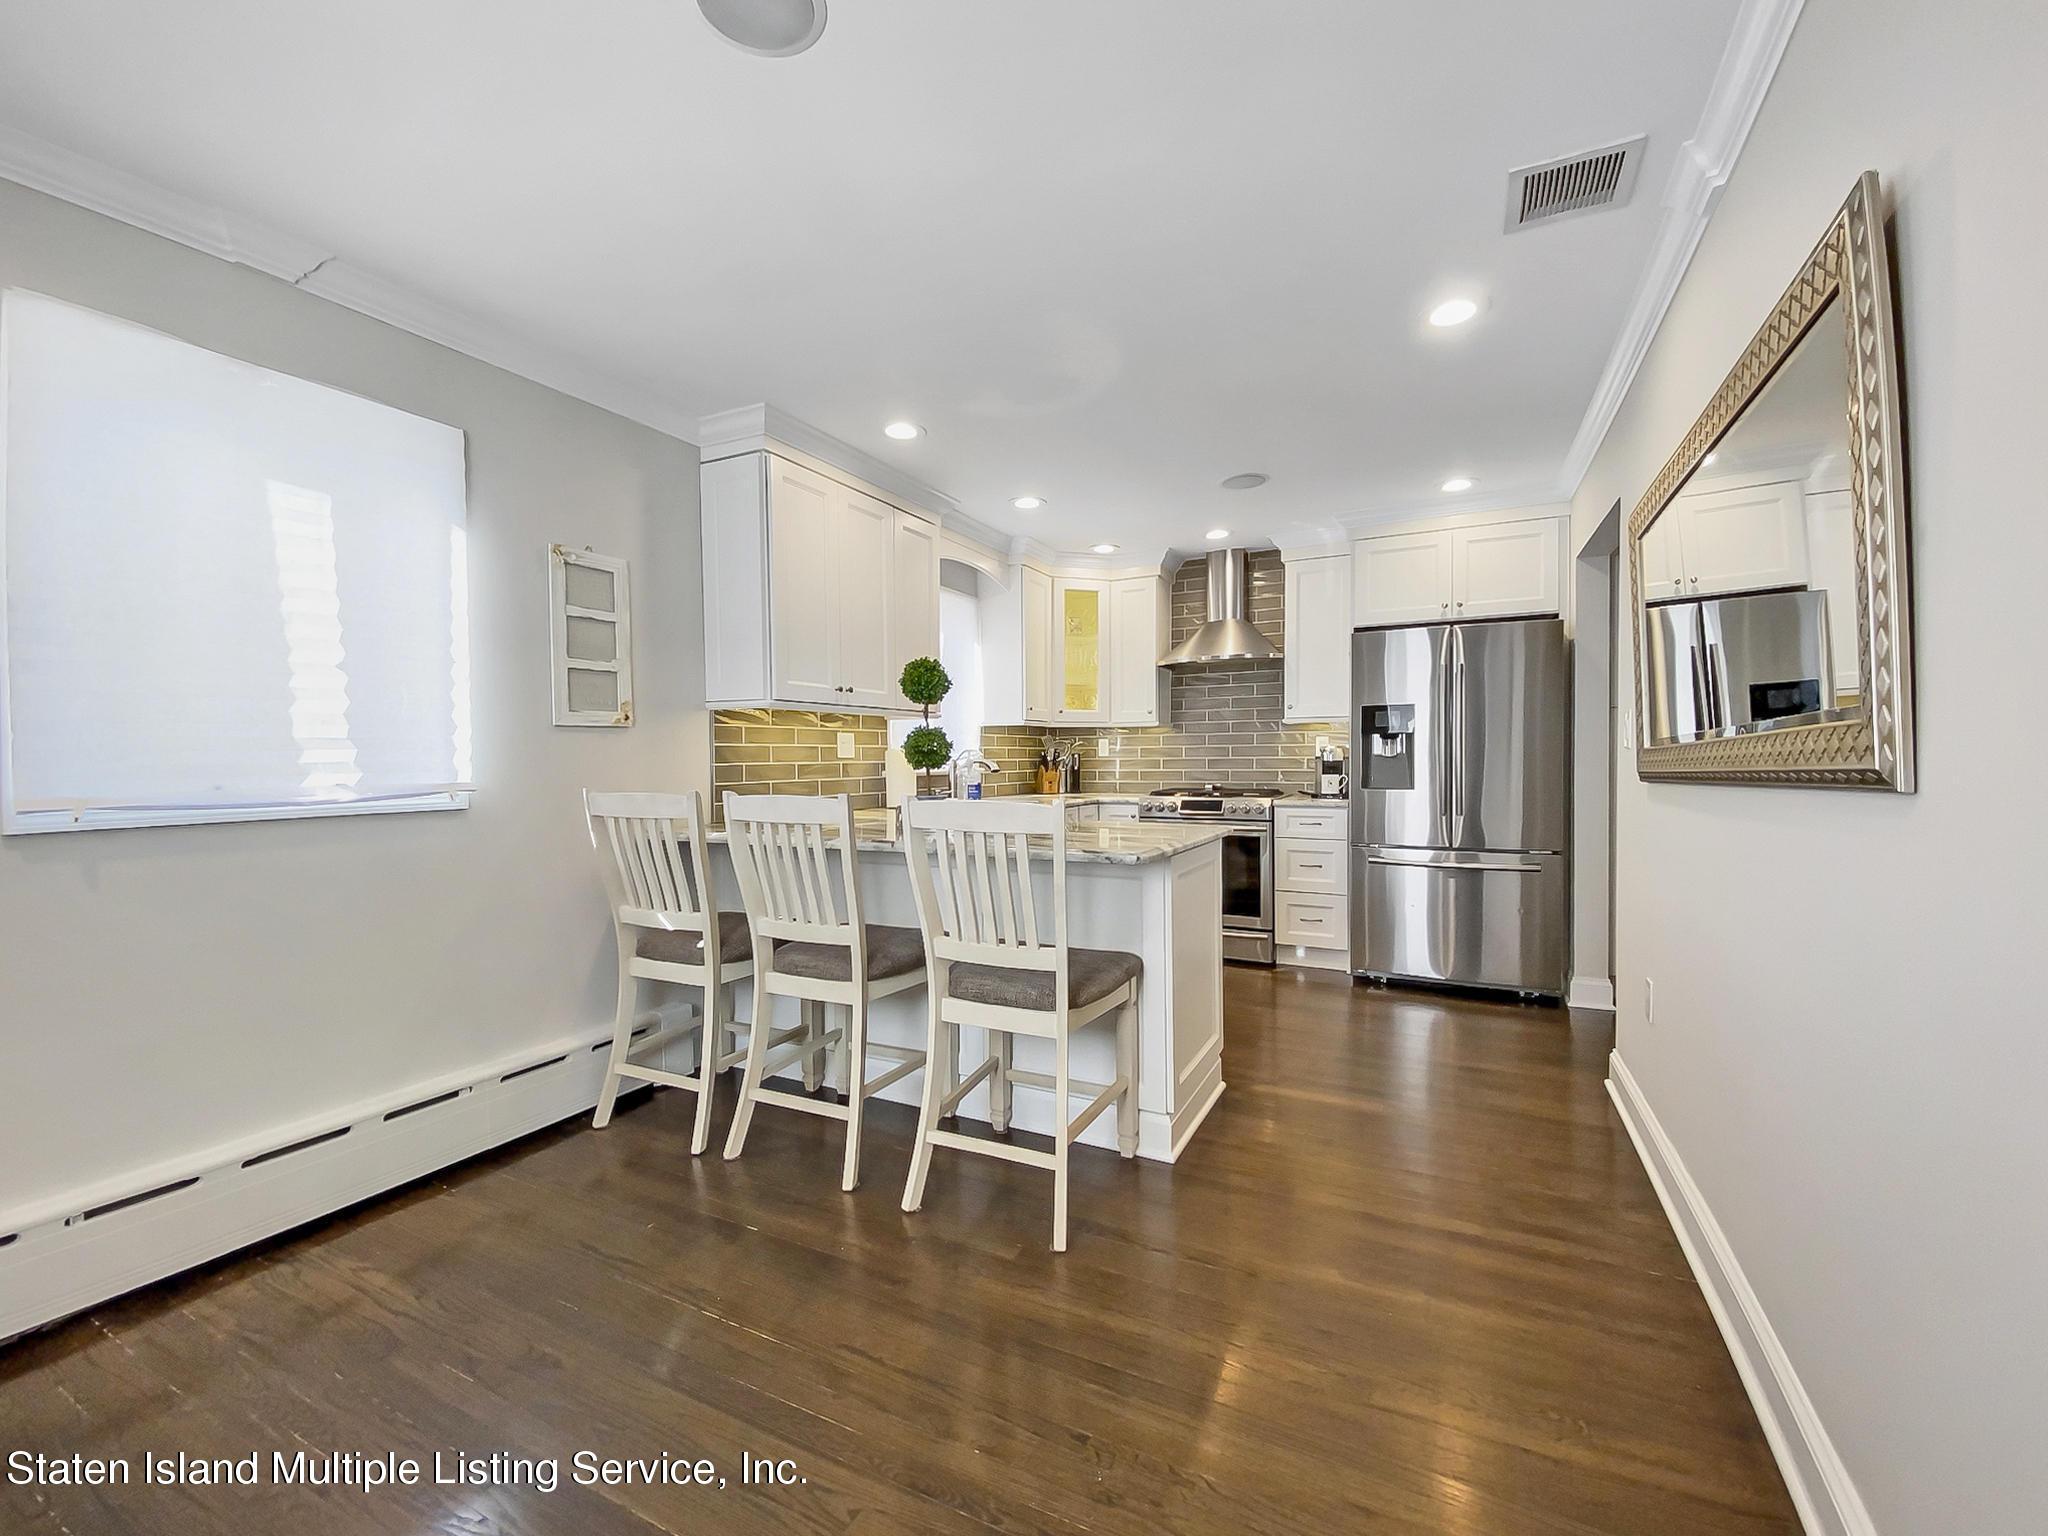 Single Family - Detached 543 Wainwright Avenue  Staten Island, NY 10312, MLS-1143141-22